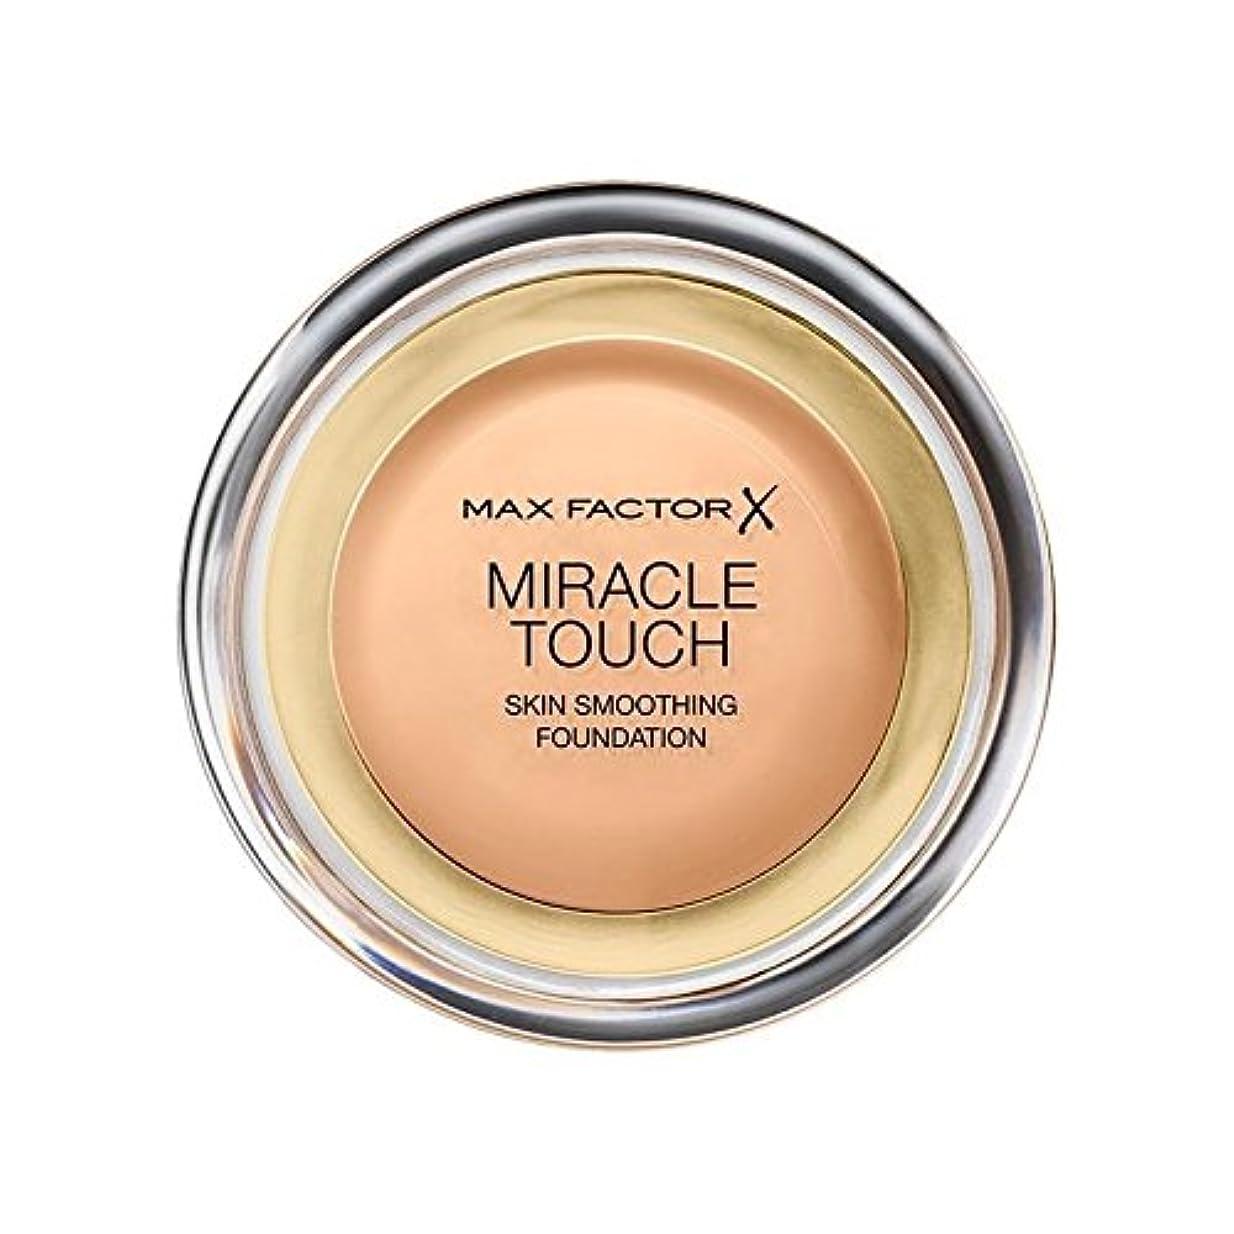 花火メタンスチュアート島Max Factor Miracle Touch Foundation Golden 75 - マックスファクターの奇跡のタッチ基盤黄金の75 [並行輸入品]